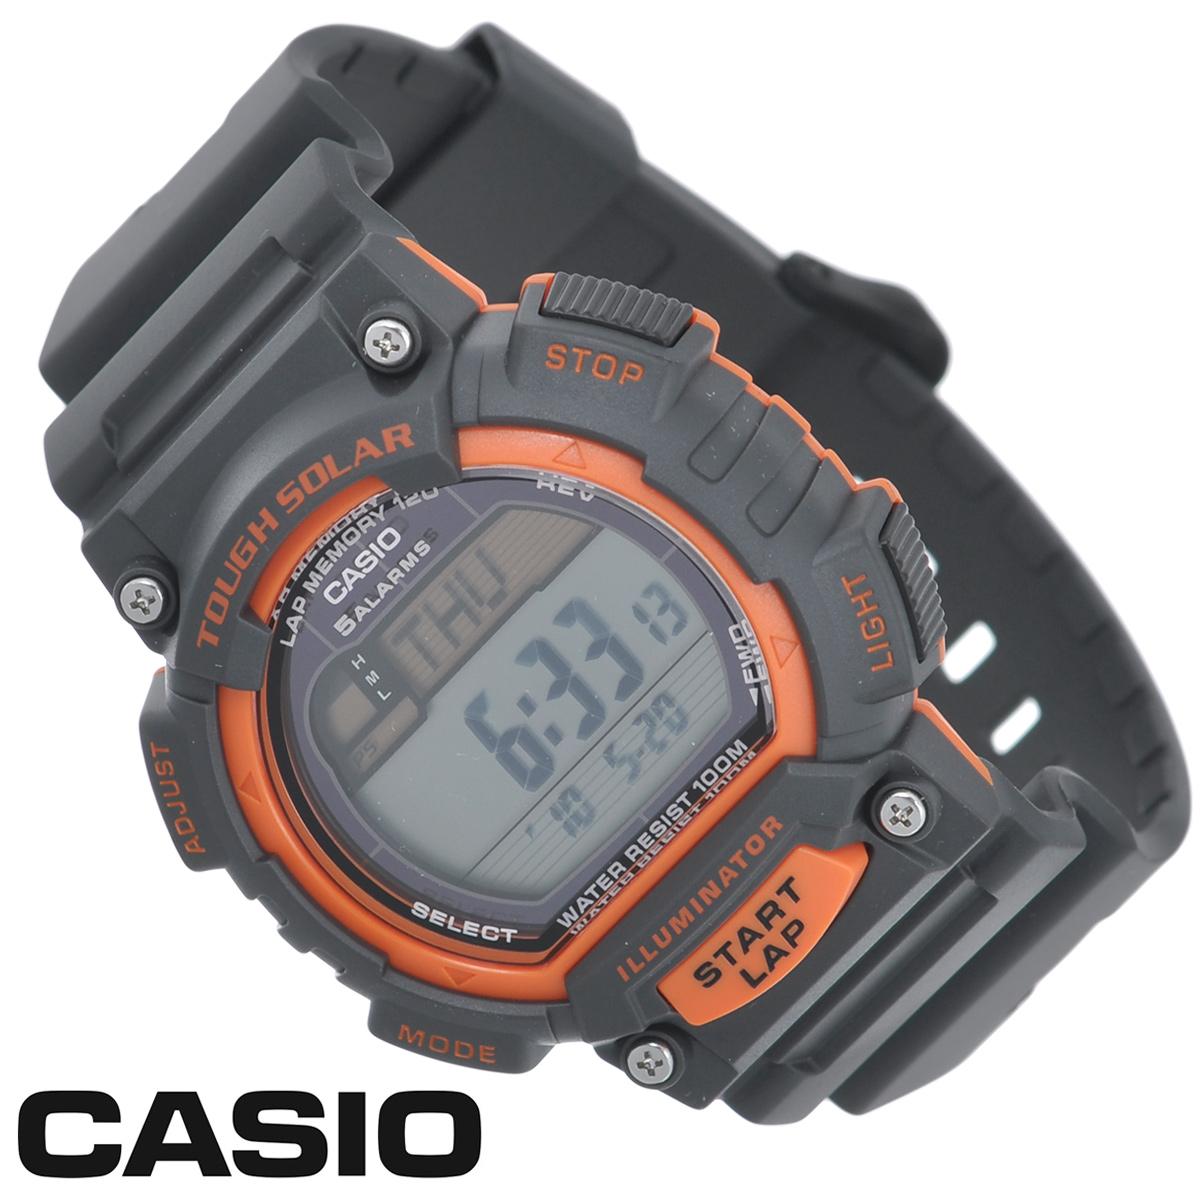 Часы мужские наручные Casio, цвет: черный, оранжевый. STL-S100H-4ASTL-S100H-4AСтильные электронно-механические часы от японского брэнда Casio - это яркий функциональный аксессуар для современных людей, которые стремятся выделиться из толпы и подчеркнуть свою индивидуальность. Часы выполнены в спортивном стиле. Часы оснащены японским кварцевым механизмом. Корпус и ремешок часов изготовлены из пластика. ЖК-дисплей с LED-подсветкой защищен пластиковым стеклом. Ремешок имеет классическую застежку. Основные функции: - индикатор заряда батареи; - функция автоматического сохранения энергии; - секундомер с точностью показаний 1/100с и временем измерения 1ч; - память на 120 этапов; - номер и лучшее время этапа; - два таймера обратного отсчета времени от 5 с до 100 мин с устанавливаемым количеством повторов от 1 до 10; - мировое время; - 12-ти и 24-х часовой формат времени; - функция отключения/включения звука. Питание часов...